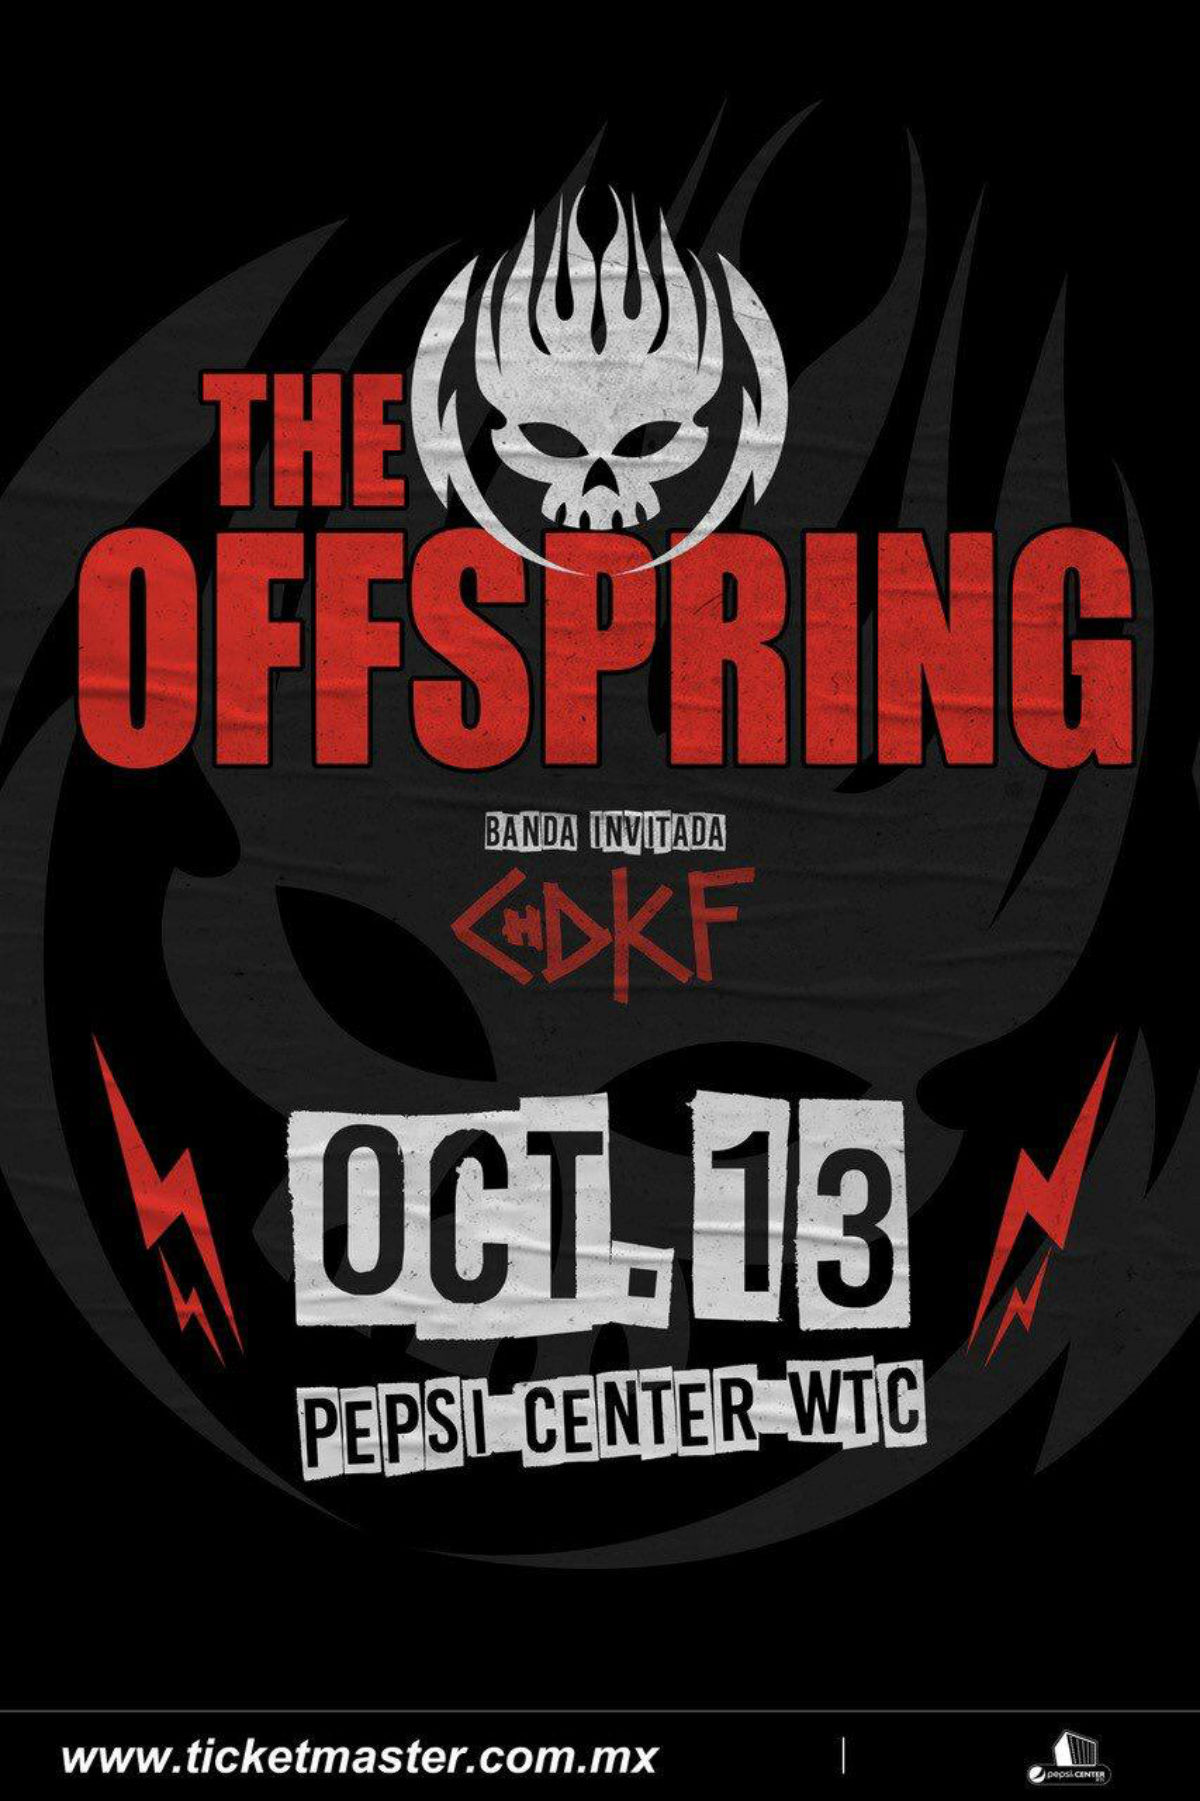 CHDKF The Offspring Pepsi Center CDMX Concierto boletos